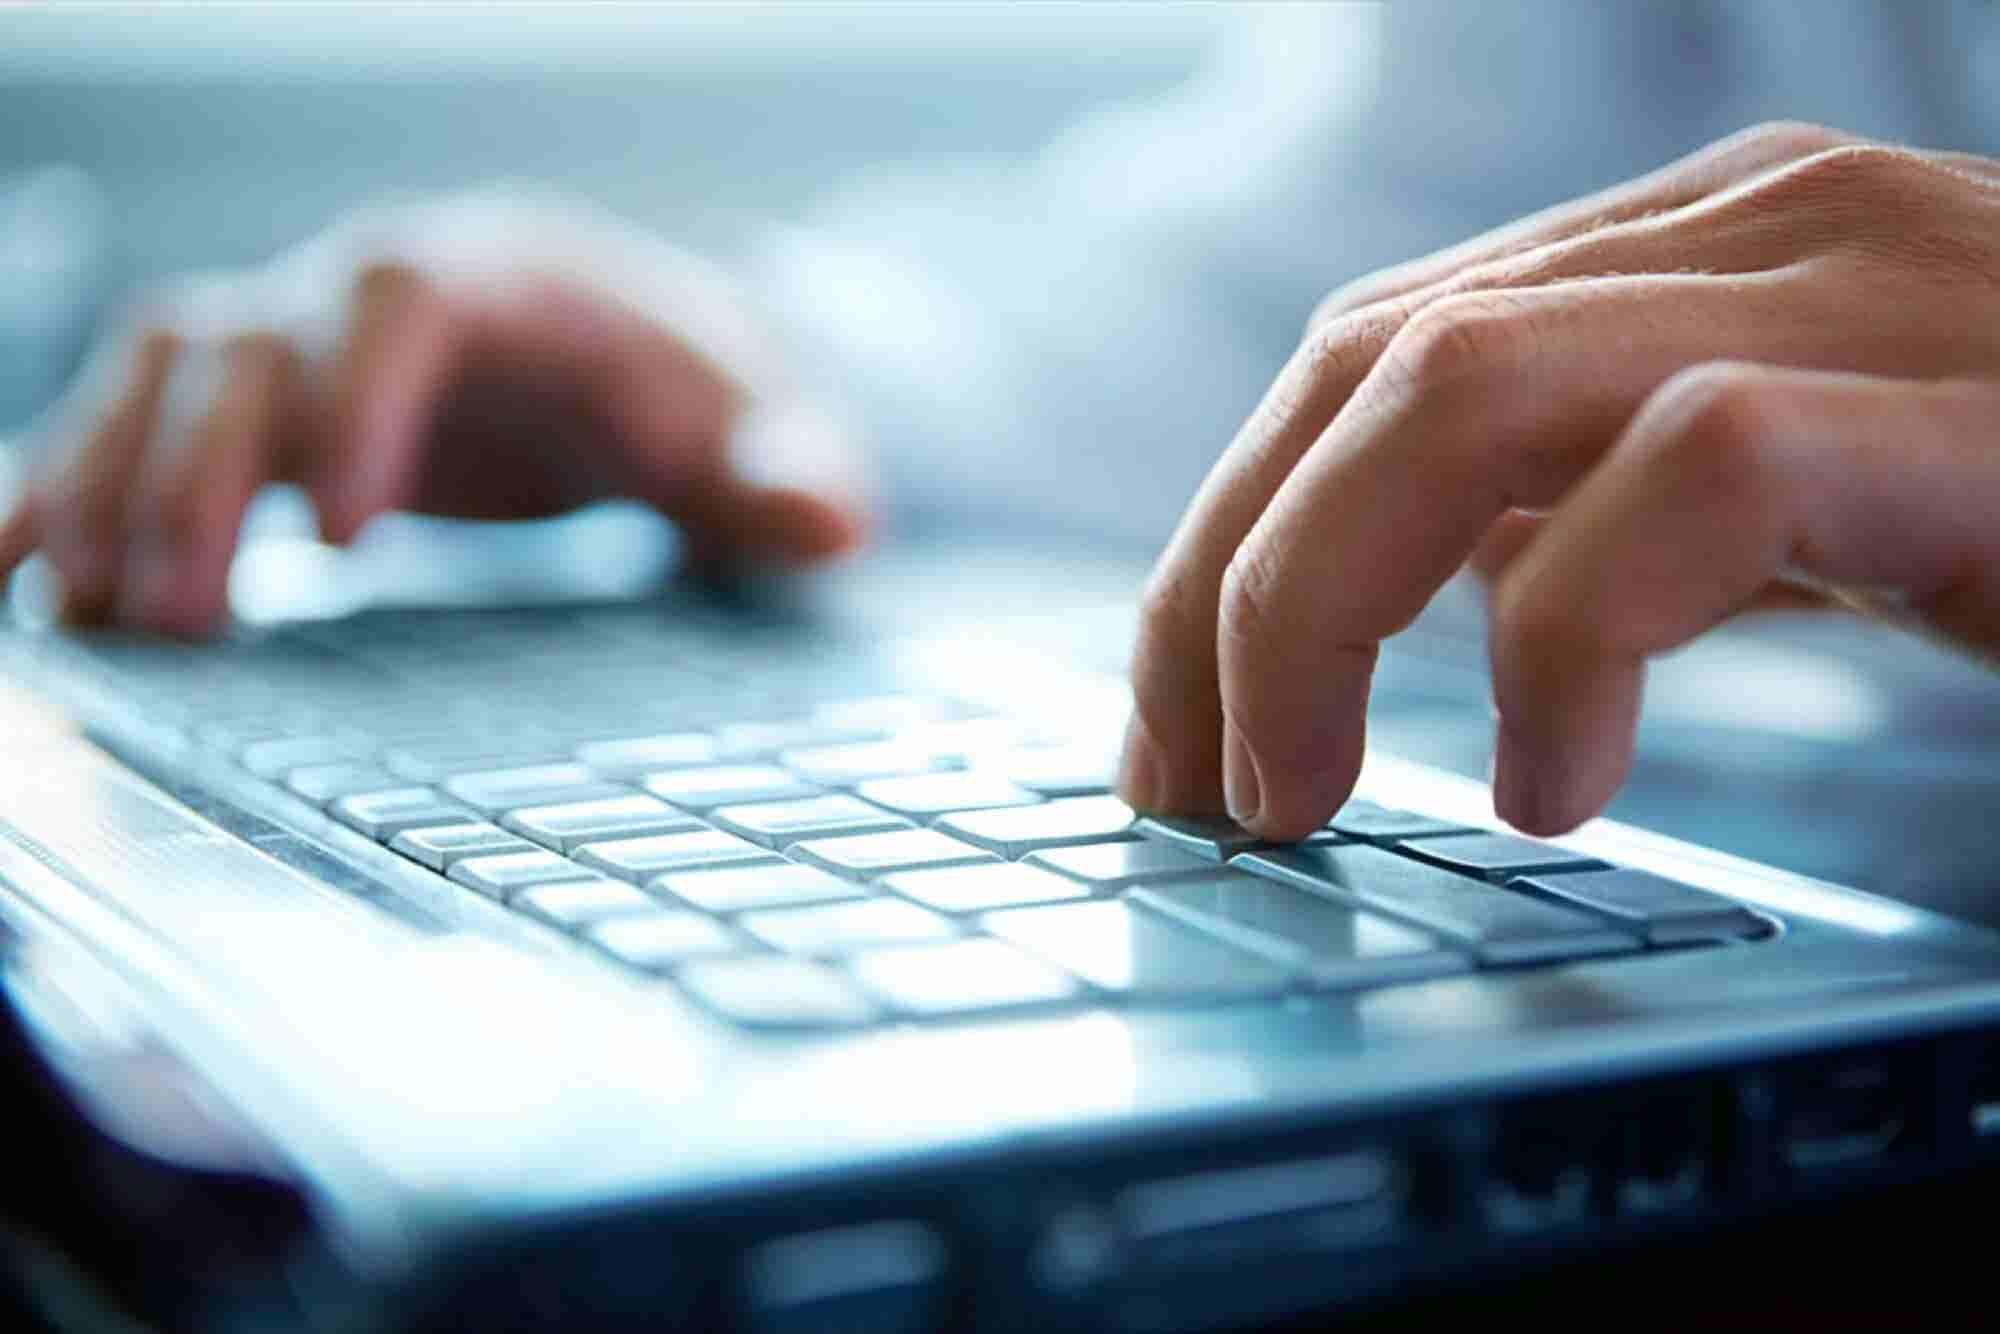 ¿Quieres especializarte en TI? Google y Coursera te entrenan